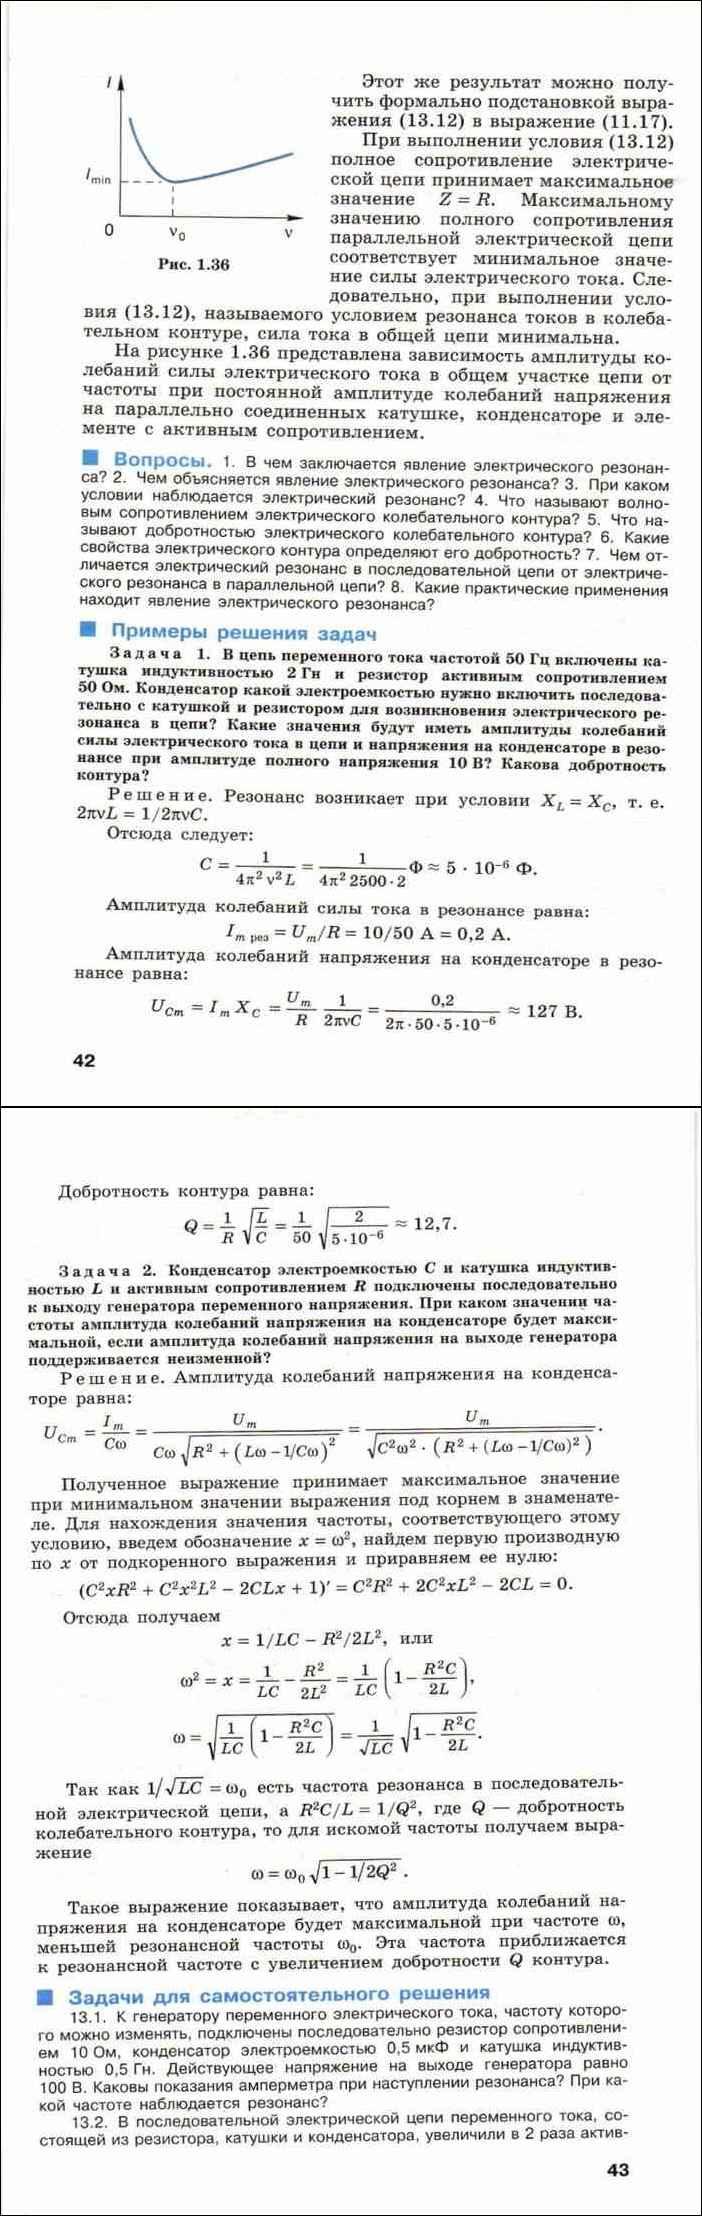 Решение задач по учебнику пинского методики обучения решению комбинаторных задач